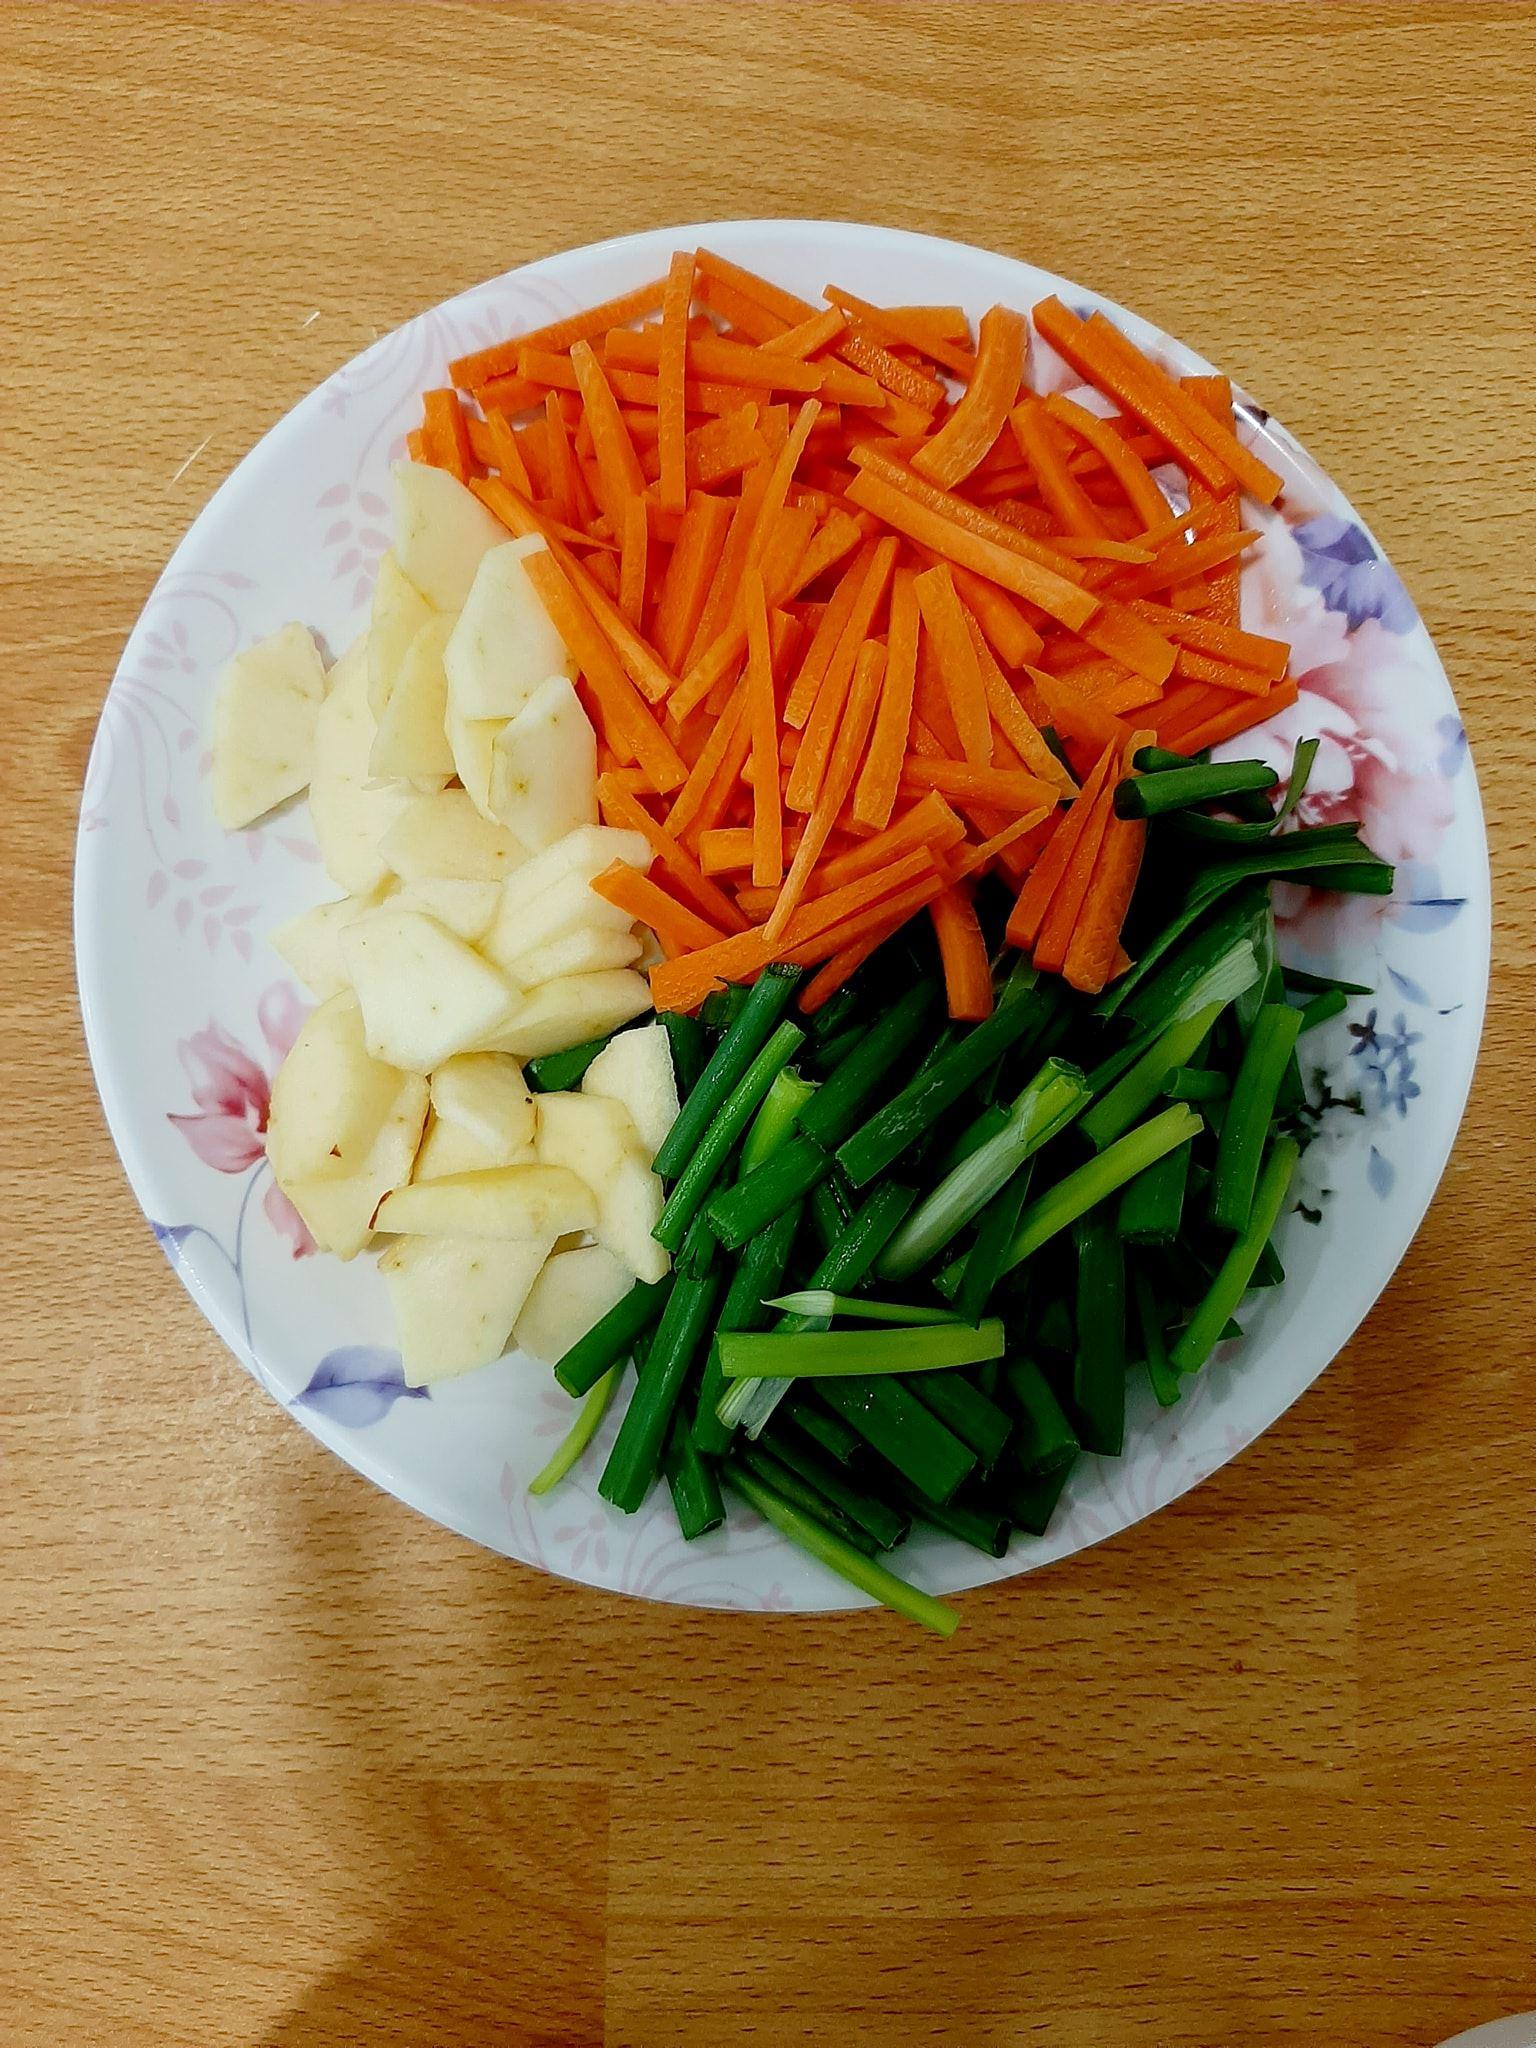 peminat makanan korea mesti akan suka resepi kimchi homemade ni, sedap dan yang penting halal!